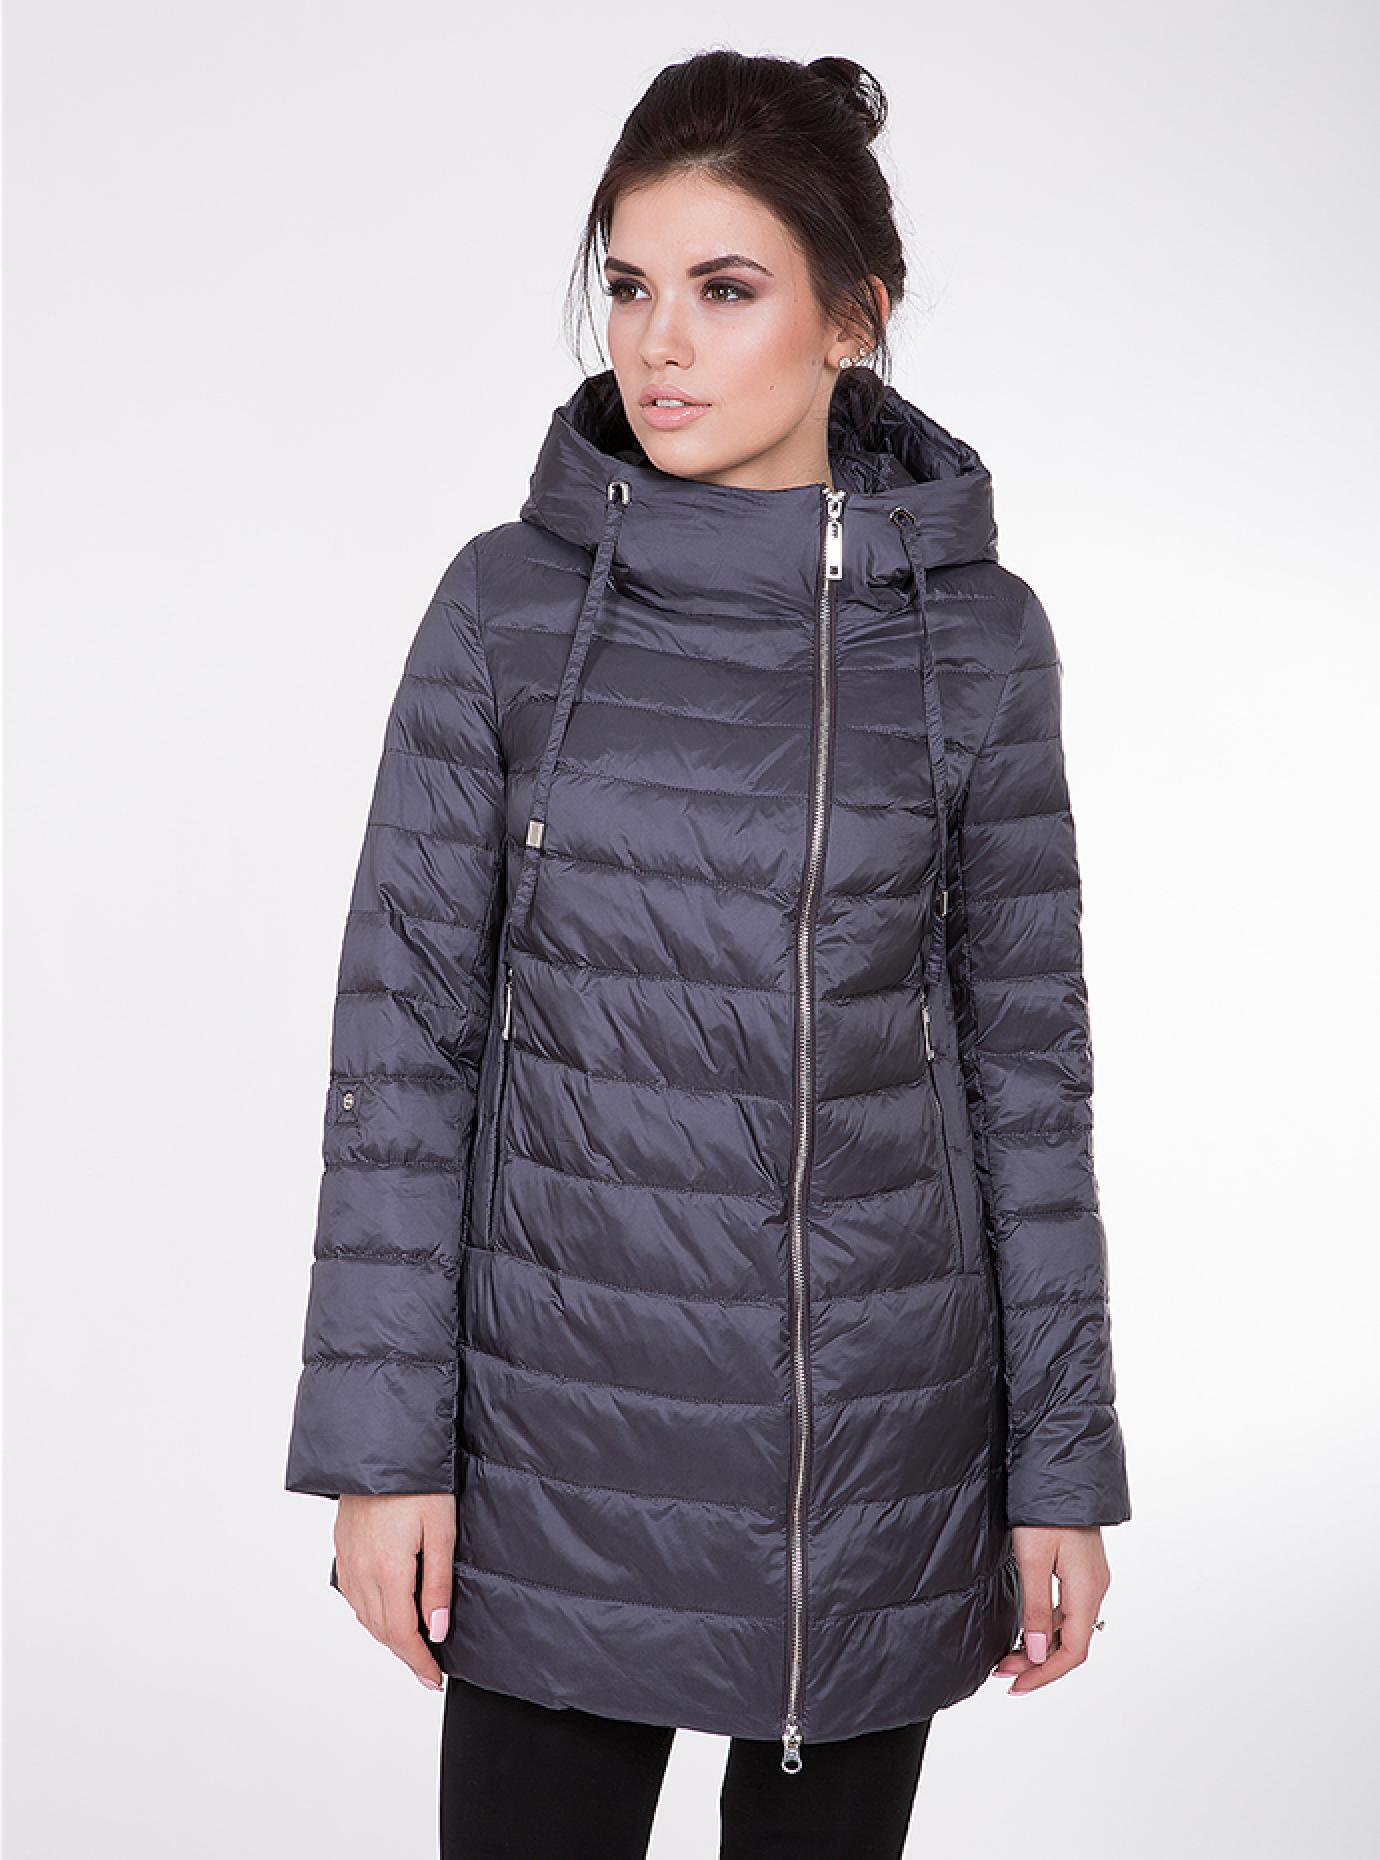 Куртка женская демисезонная с капюшоном Чёрный S (02-CD18153): фото - Alster.ua